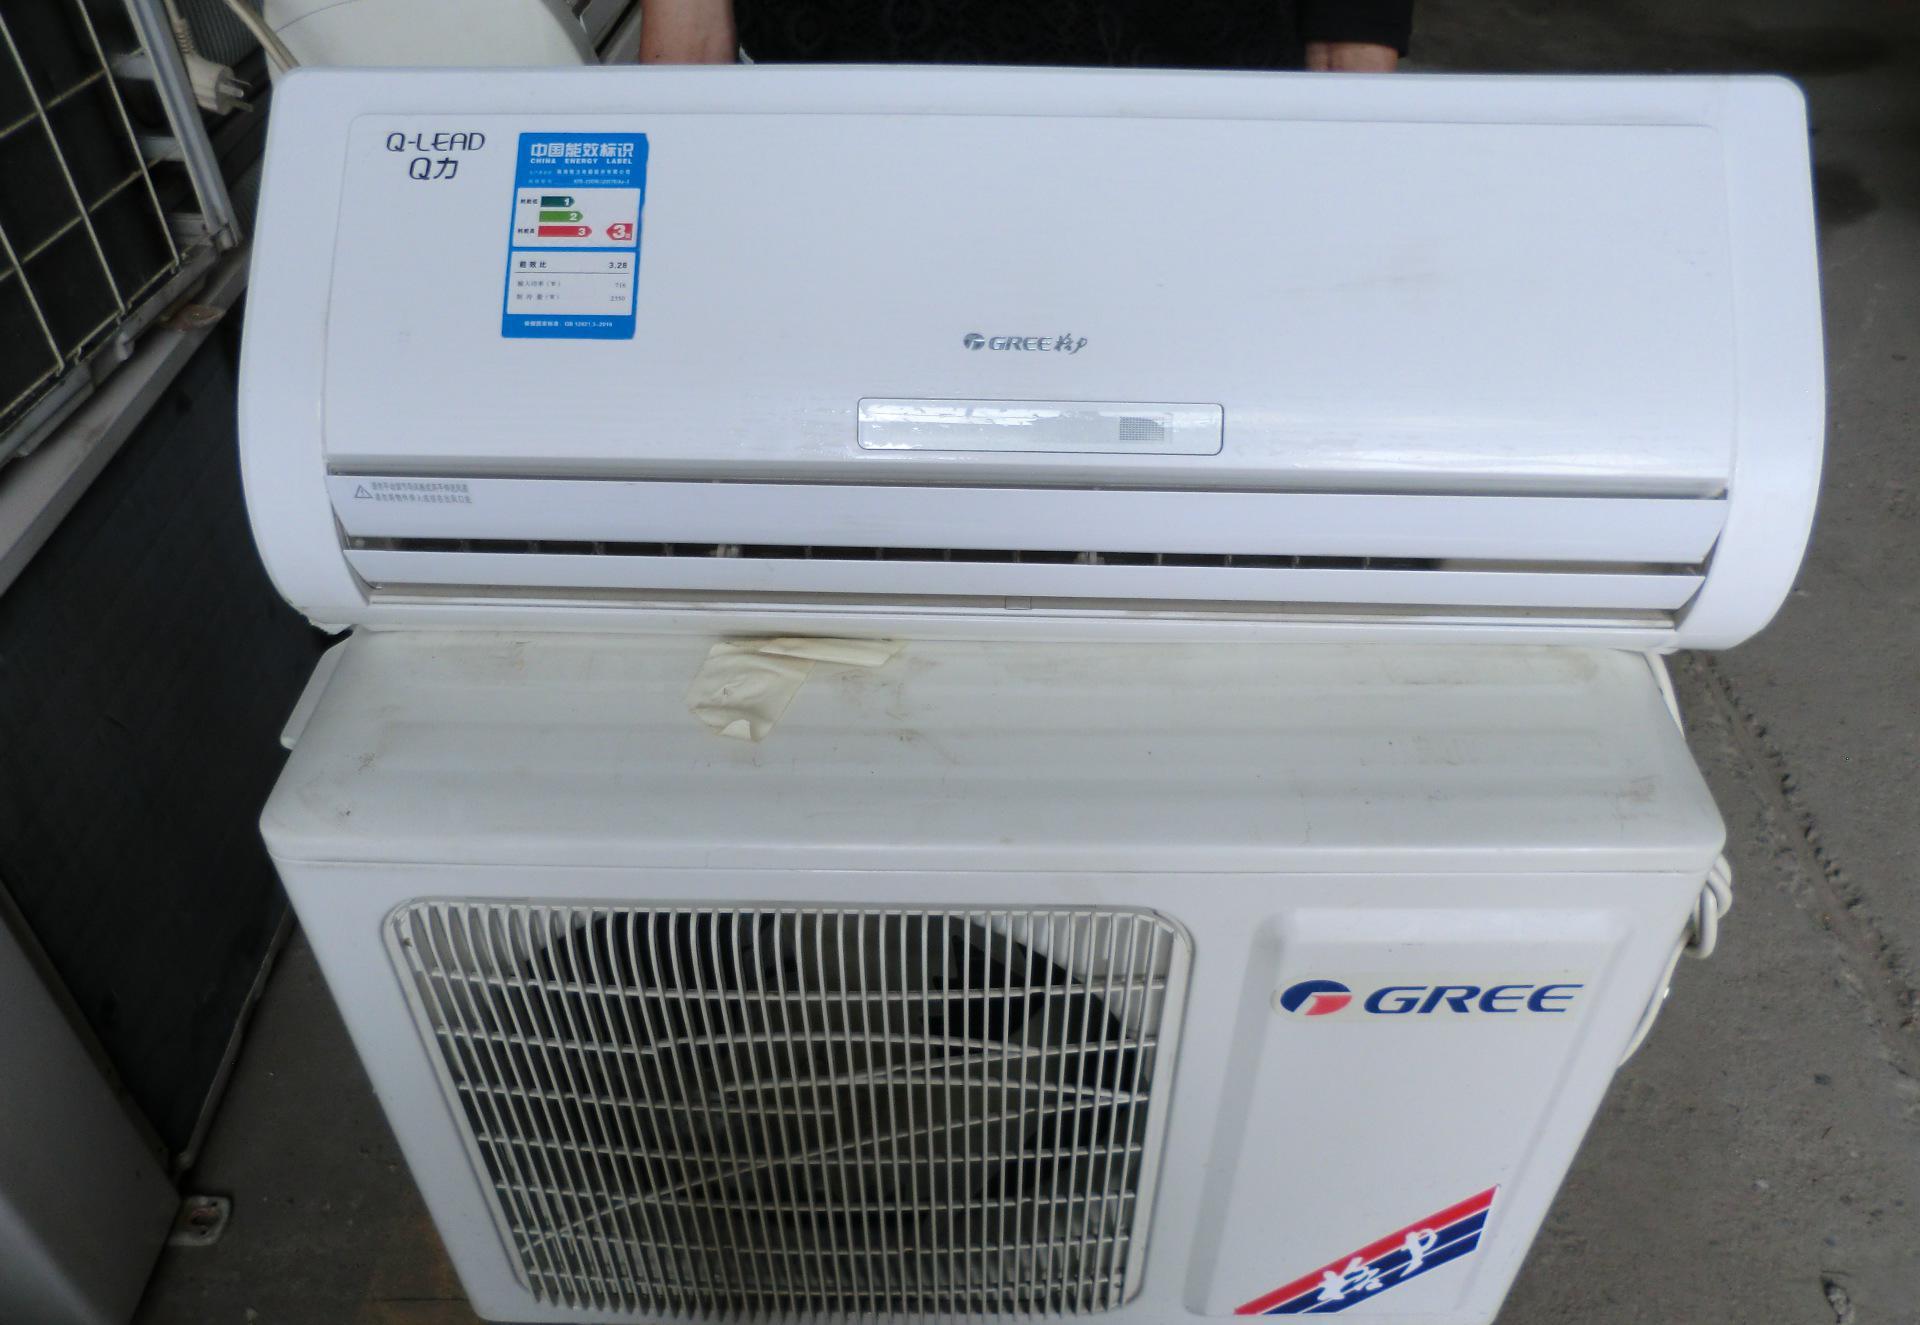 格力空调过滤网怎么装才好,格力空调过滤网使用注意事项